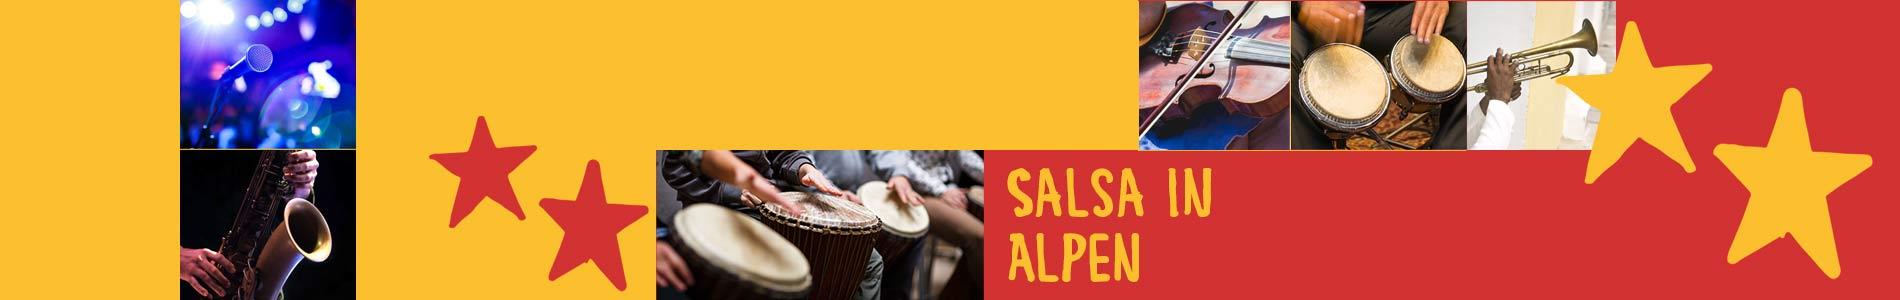 Salsa in Alpen – Salsa lernen und tanzen, Tanzkurse, Partys, Veranstaltungen